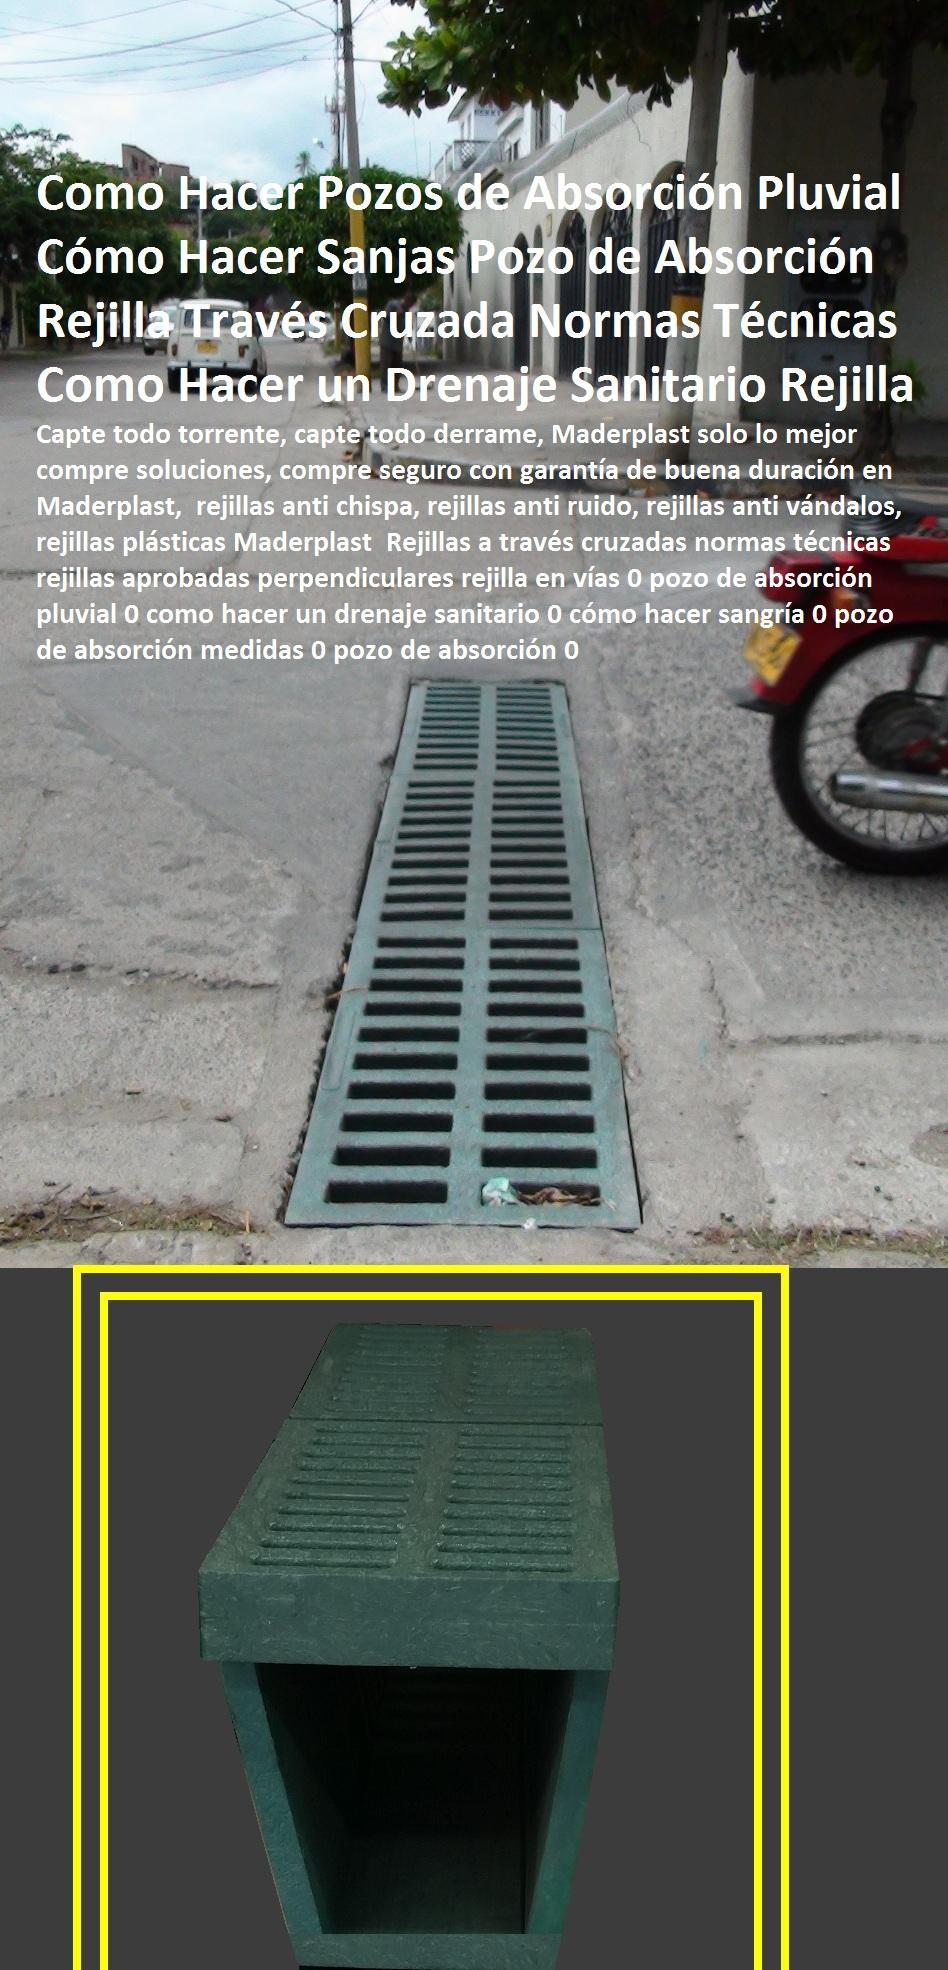 """REJILLAS PLASTICAS VEHICULARES CANALETAS PLÁSTICAS MADERPLAST rejilla con canaleta sumidero de plásticos fuertes sistema rejillas canales acueductos y alcantarillados, fabricantes de rejillas plásticas para acueducto, rejillas de concreto plásticos para alcantarillados, rejillas de hierro fundido para sumideros, rejillas de fierro colado para drenajes, rejillas en fibra de vidrio plástico reforzado en polipropileno, proveedor distribuidor fabricante de rejillas de desagües, precios de rejillas plásticas, Como se hacen las alcantarillas con rejillas canales y canaletas plásticas, normas técnicas rejillas aprobadas perpendiculares rejilla en vías 0 pozo de absorción pluvial 0 como hacer un drenaje rejillas pluviales prefabricadas pp, Rejilla de pozo de absorción lateral precios tamaños 0 rejilla sumidero aguas lluvias 0, cañería, instalación, acueducto, gasoducto, """"gaseoducto"""", oleoducto, viaducto, irrigación, rejillas para sumideros en concreto 0, Colector, red, canal*, desagüe, alcantarillado*, cloaca, vertedero, presa*, cauce, Canales de drenaje de aguas lluvias, Rejillas a través cruzadas normas técnicas rejillas aprobadas perpendiculares rejilla en vías 0 pozo de absorción pluvial 0 como hacer un drenaje sanitario 0 cómo hacer sangría 0 pozo de absorción medidas 0 pozo de absorción 0 Rejillas a través cruzadas normas técnicas rejillas aprobadas perpendiculares rejilla en vías 0 pozo de absorción pluvial 0 como hacer un drenaje sanitario 0 cómo hacer sangría 0 pozo de absorción medidas 0 pozo de absorción 0"""